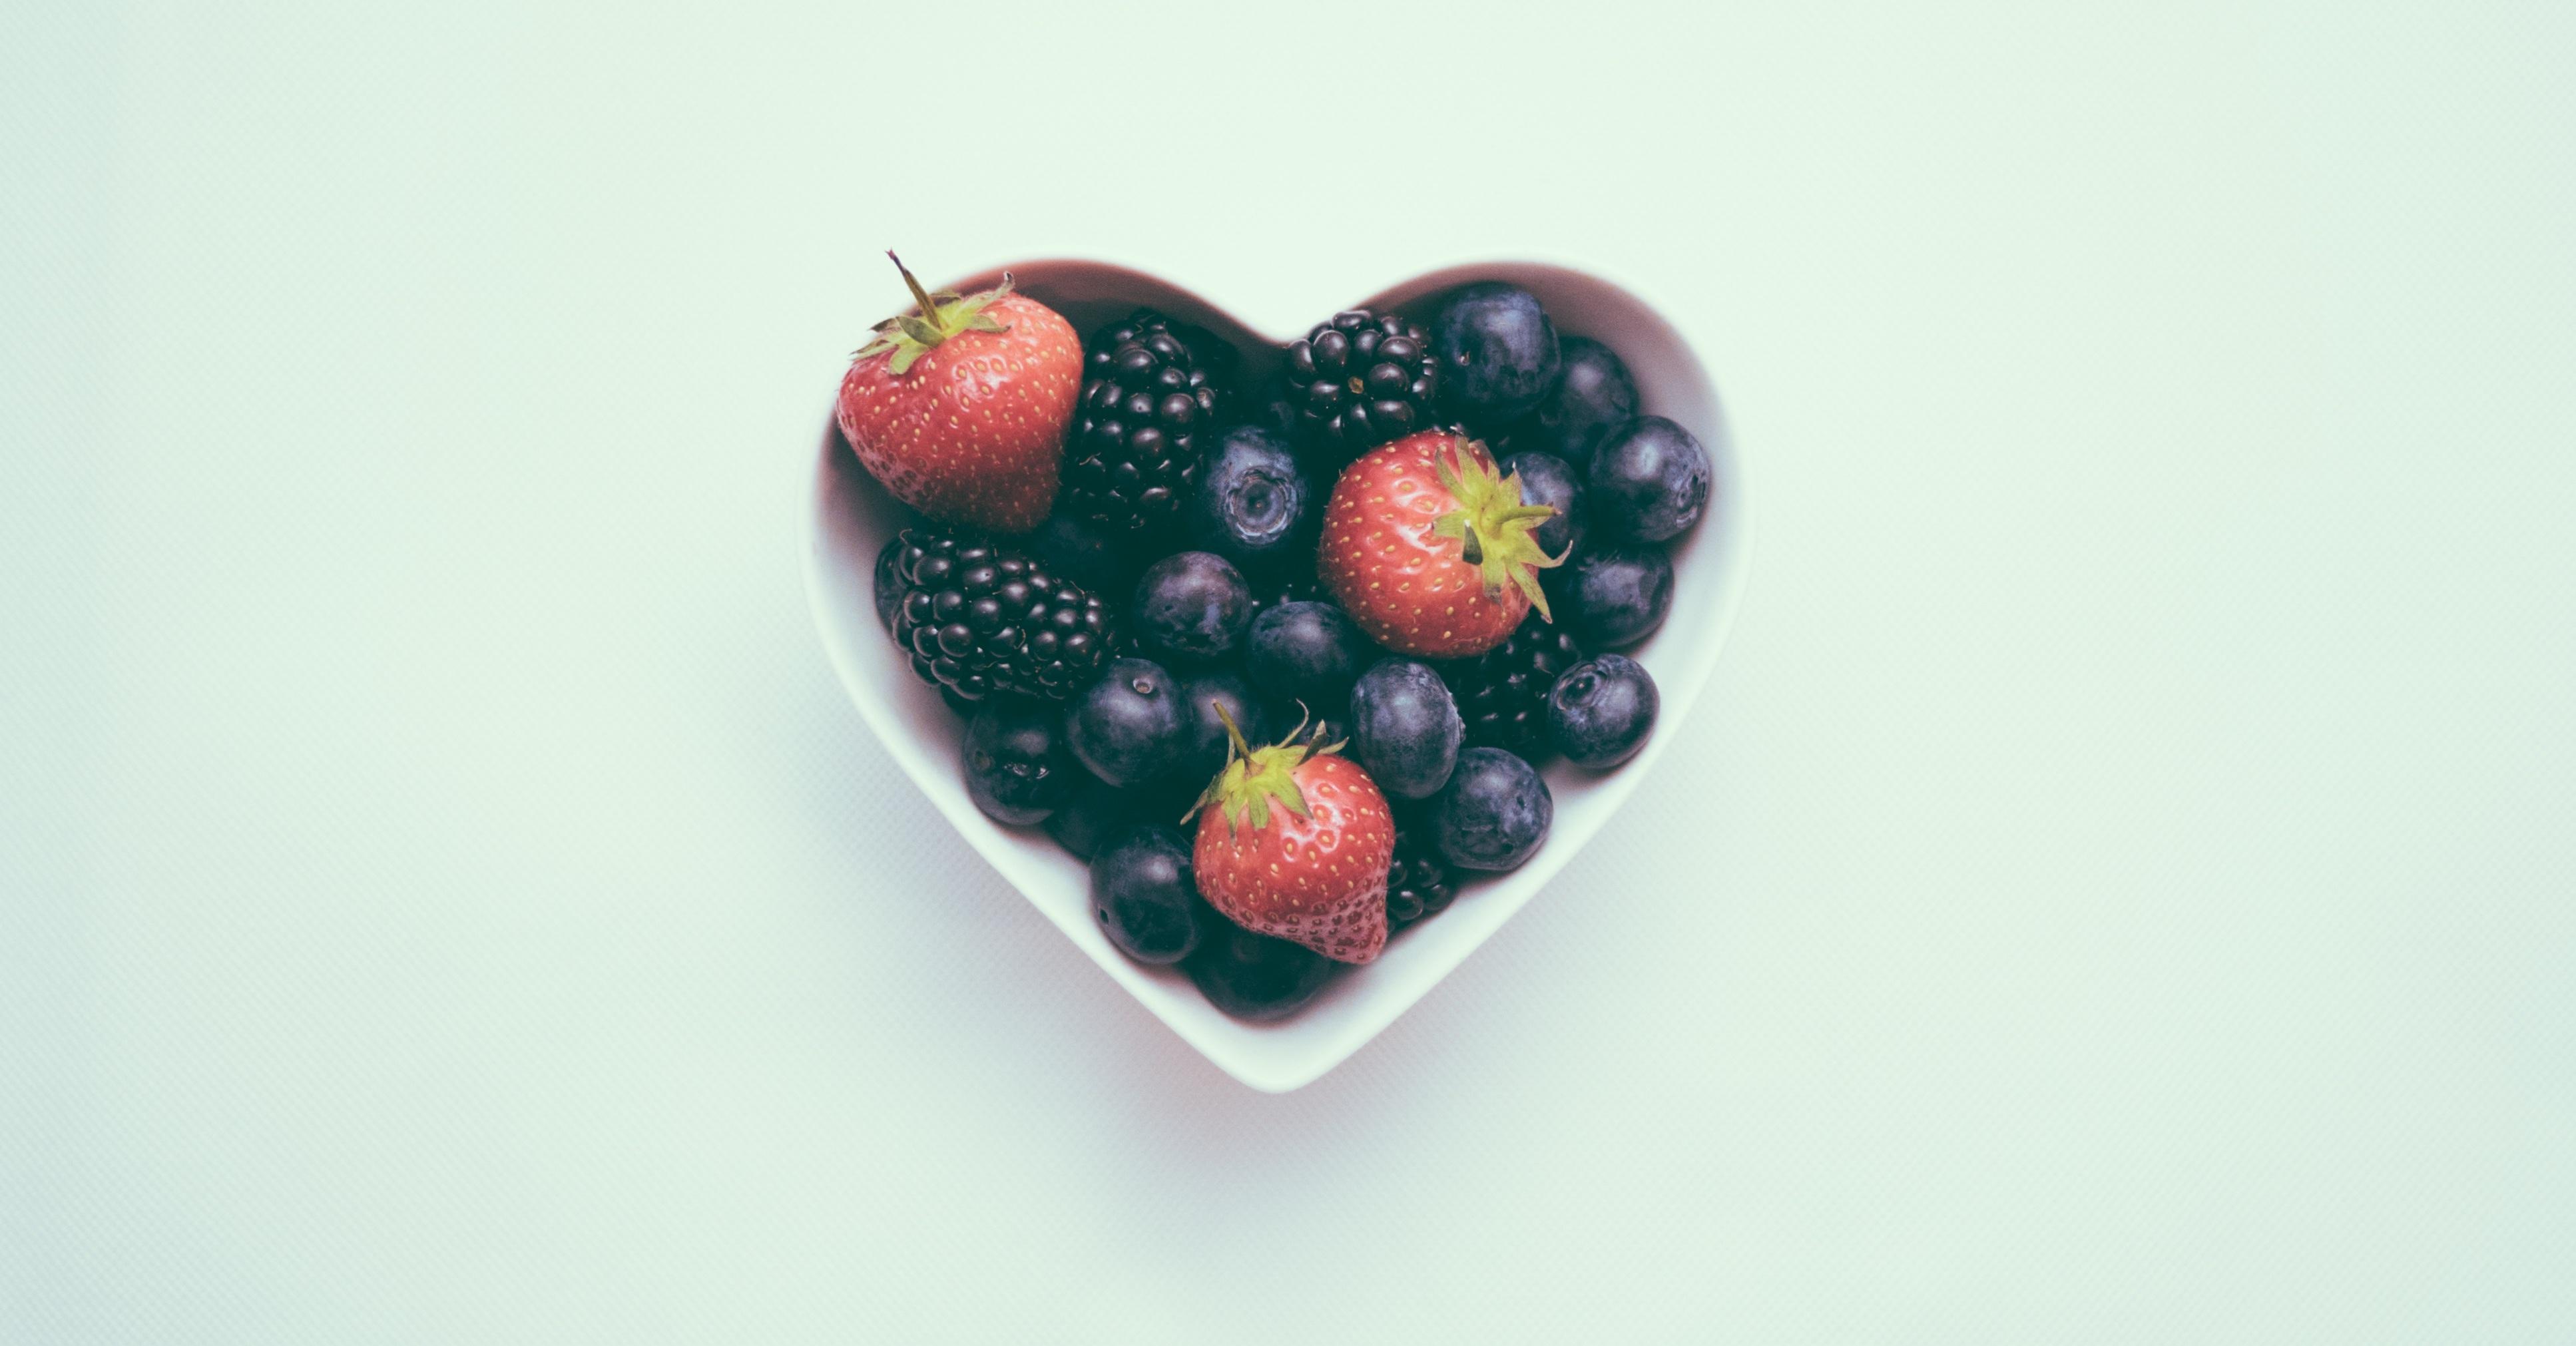 Kosttilskud kan være en nødløsning eller en komplementær behandling